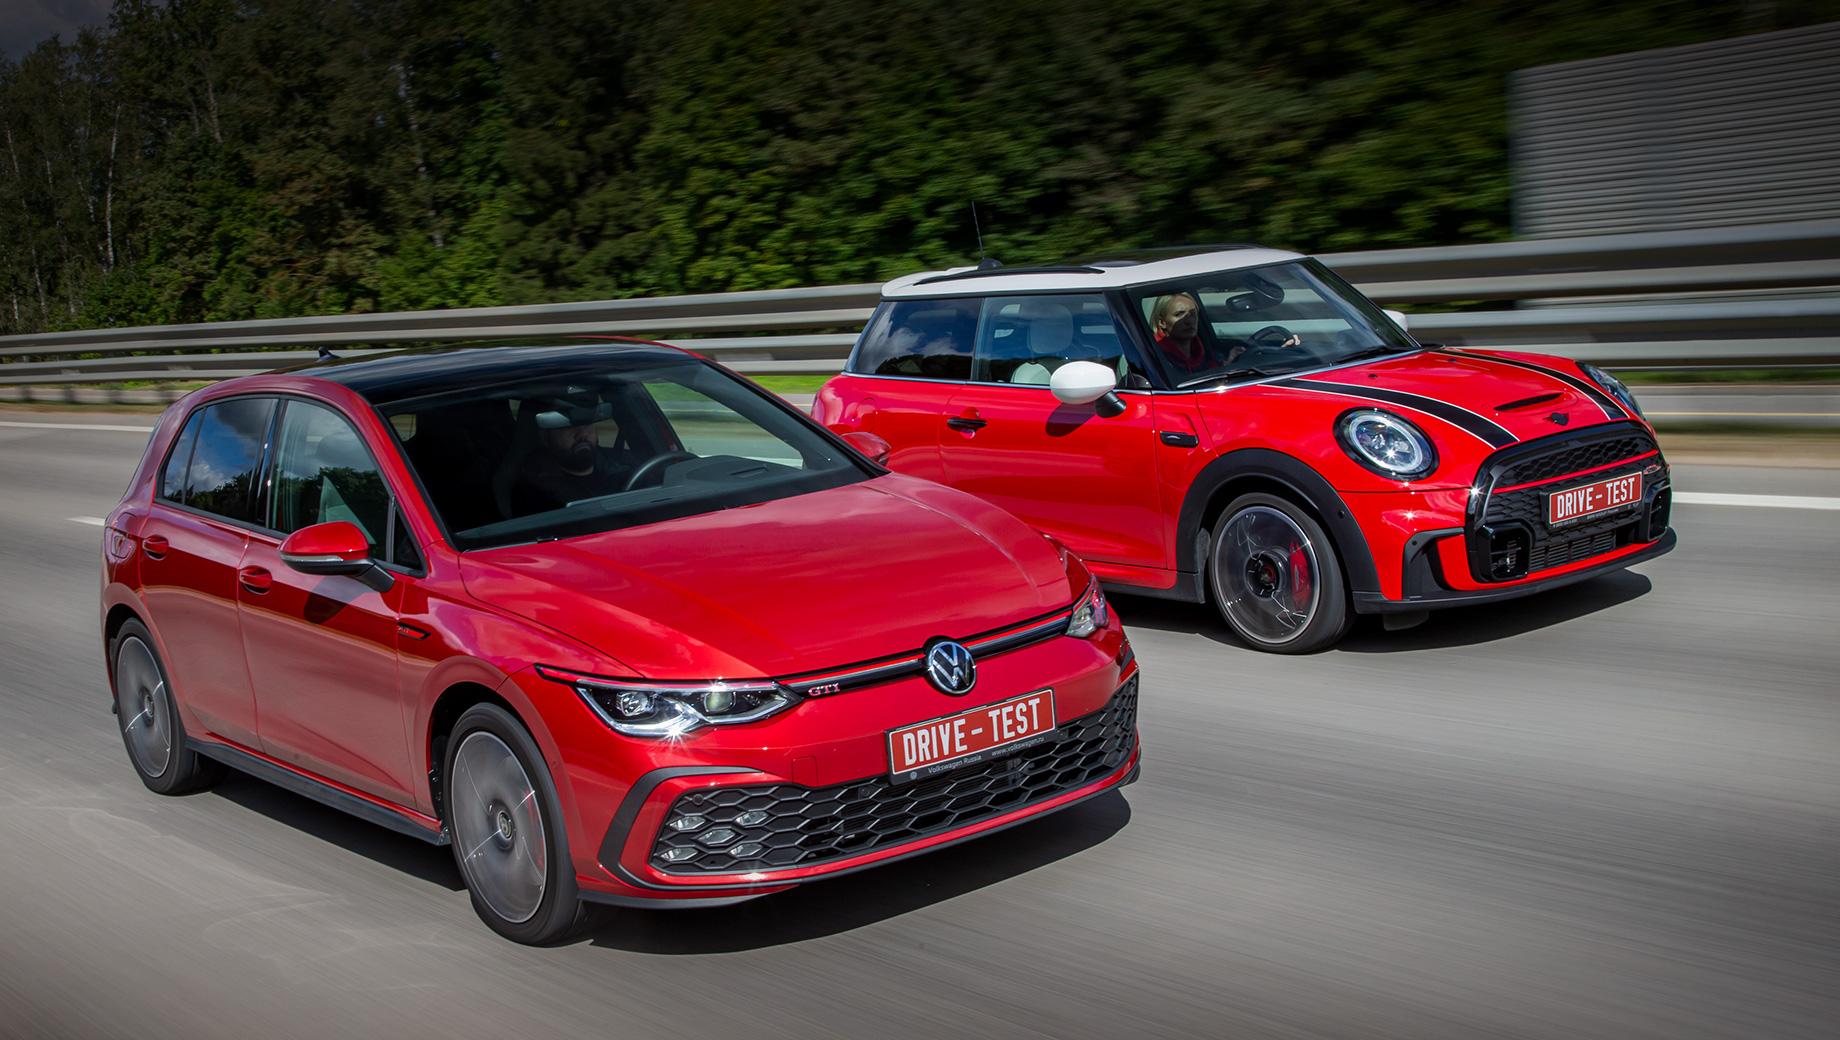 Mini cooper,Mini cooper jcw. На российский рынок «восьмой» Golf GTI за 3 090 000 рублей и обновлённый Mini JCW за 2 950 000 вышли весной 2021 года. Если заиграться в конфигураторах, то цена Фольксвагена может достигнуть 3,6 млн, а Mini — 3,8 млн.